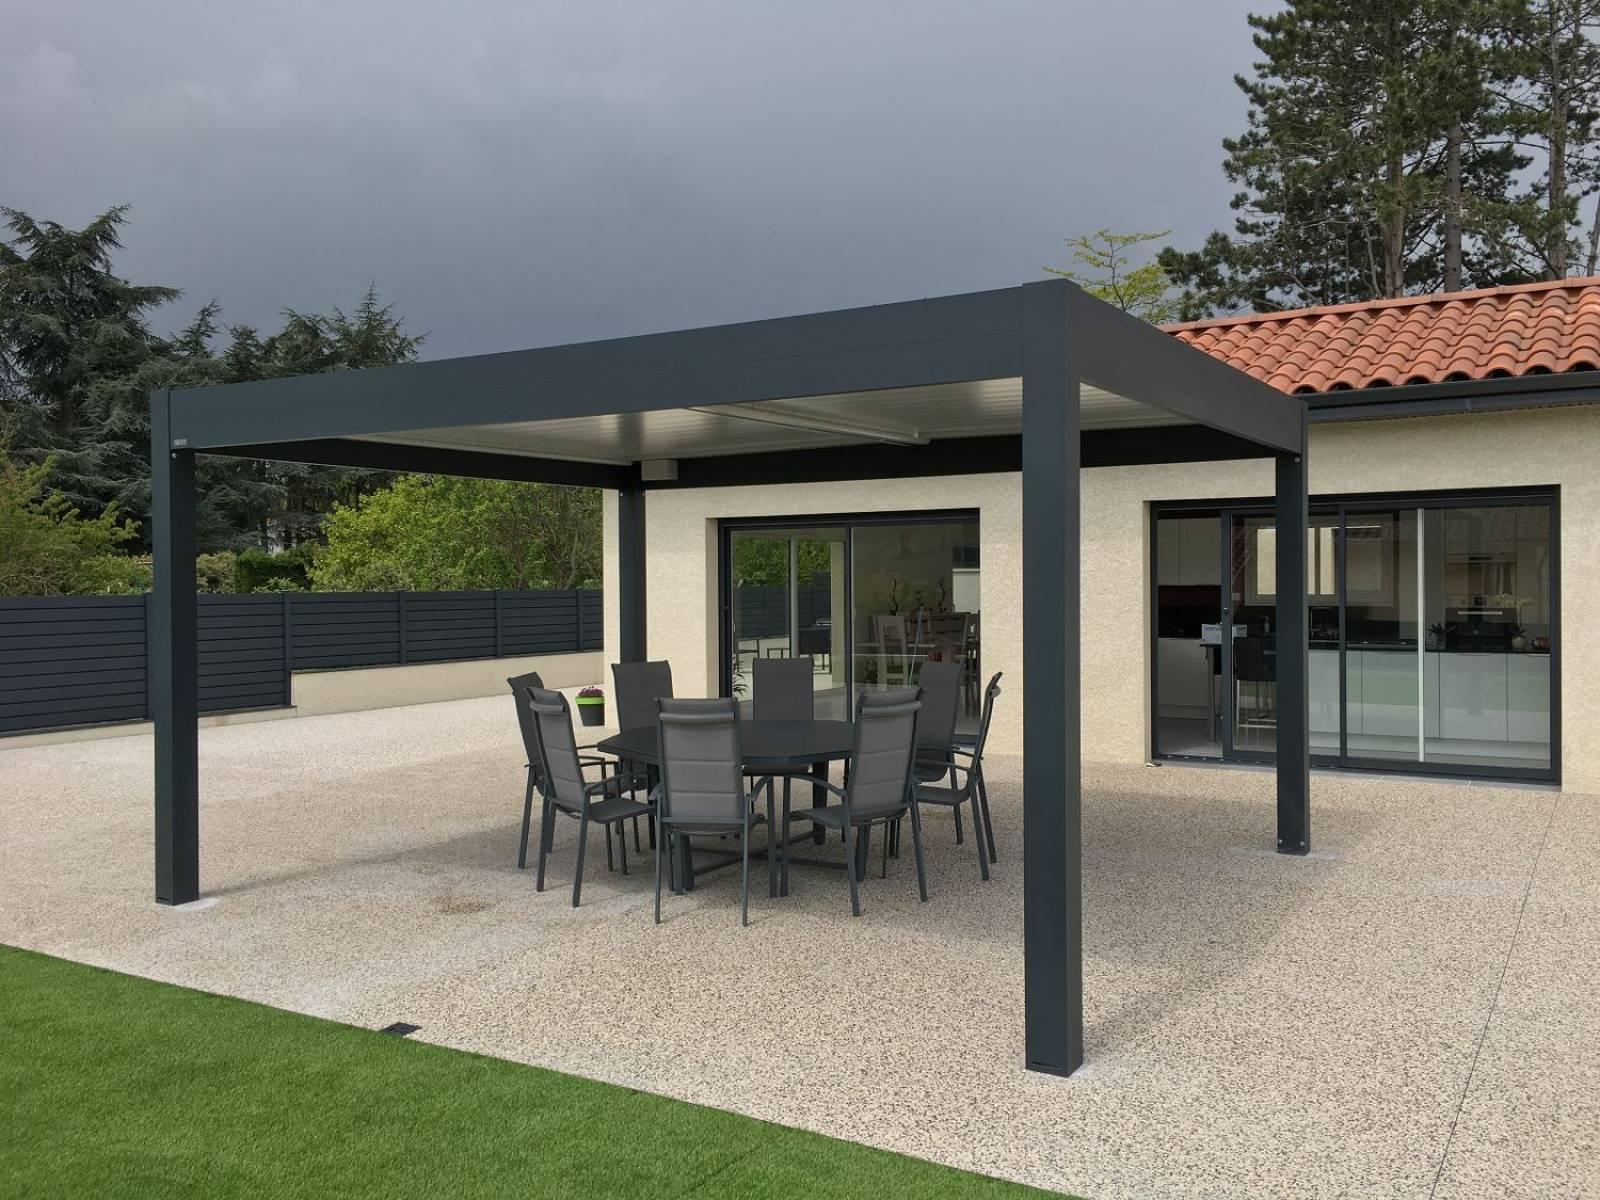 pergola et tonnelle pergolas leroy merlin p rgolas y. Black Bedroom Furniture Sets. Home Design Ideas